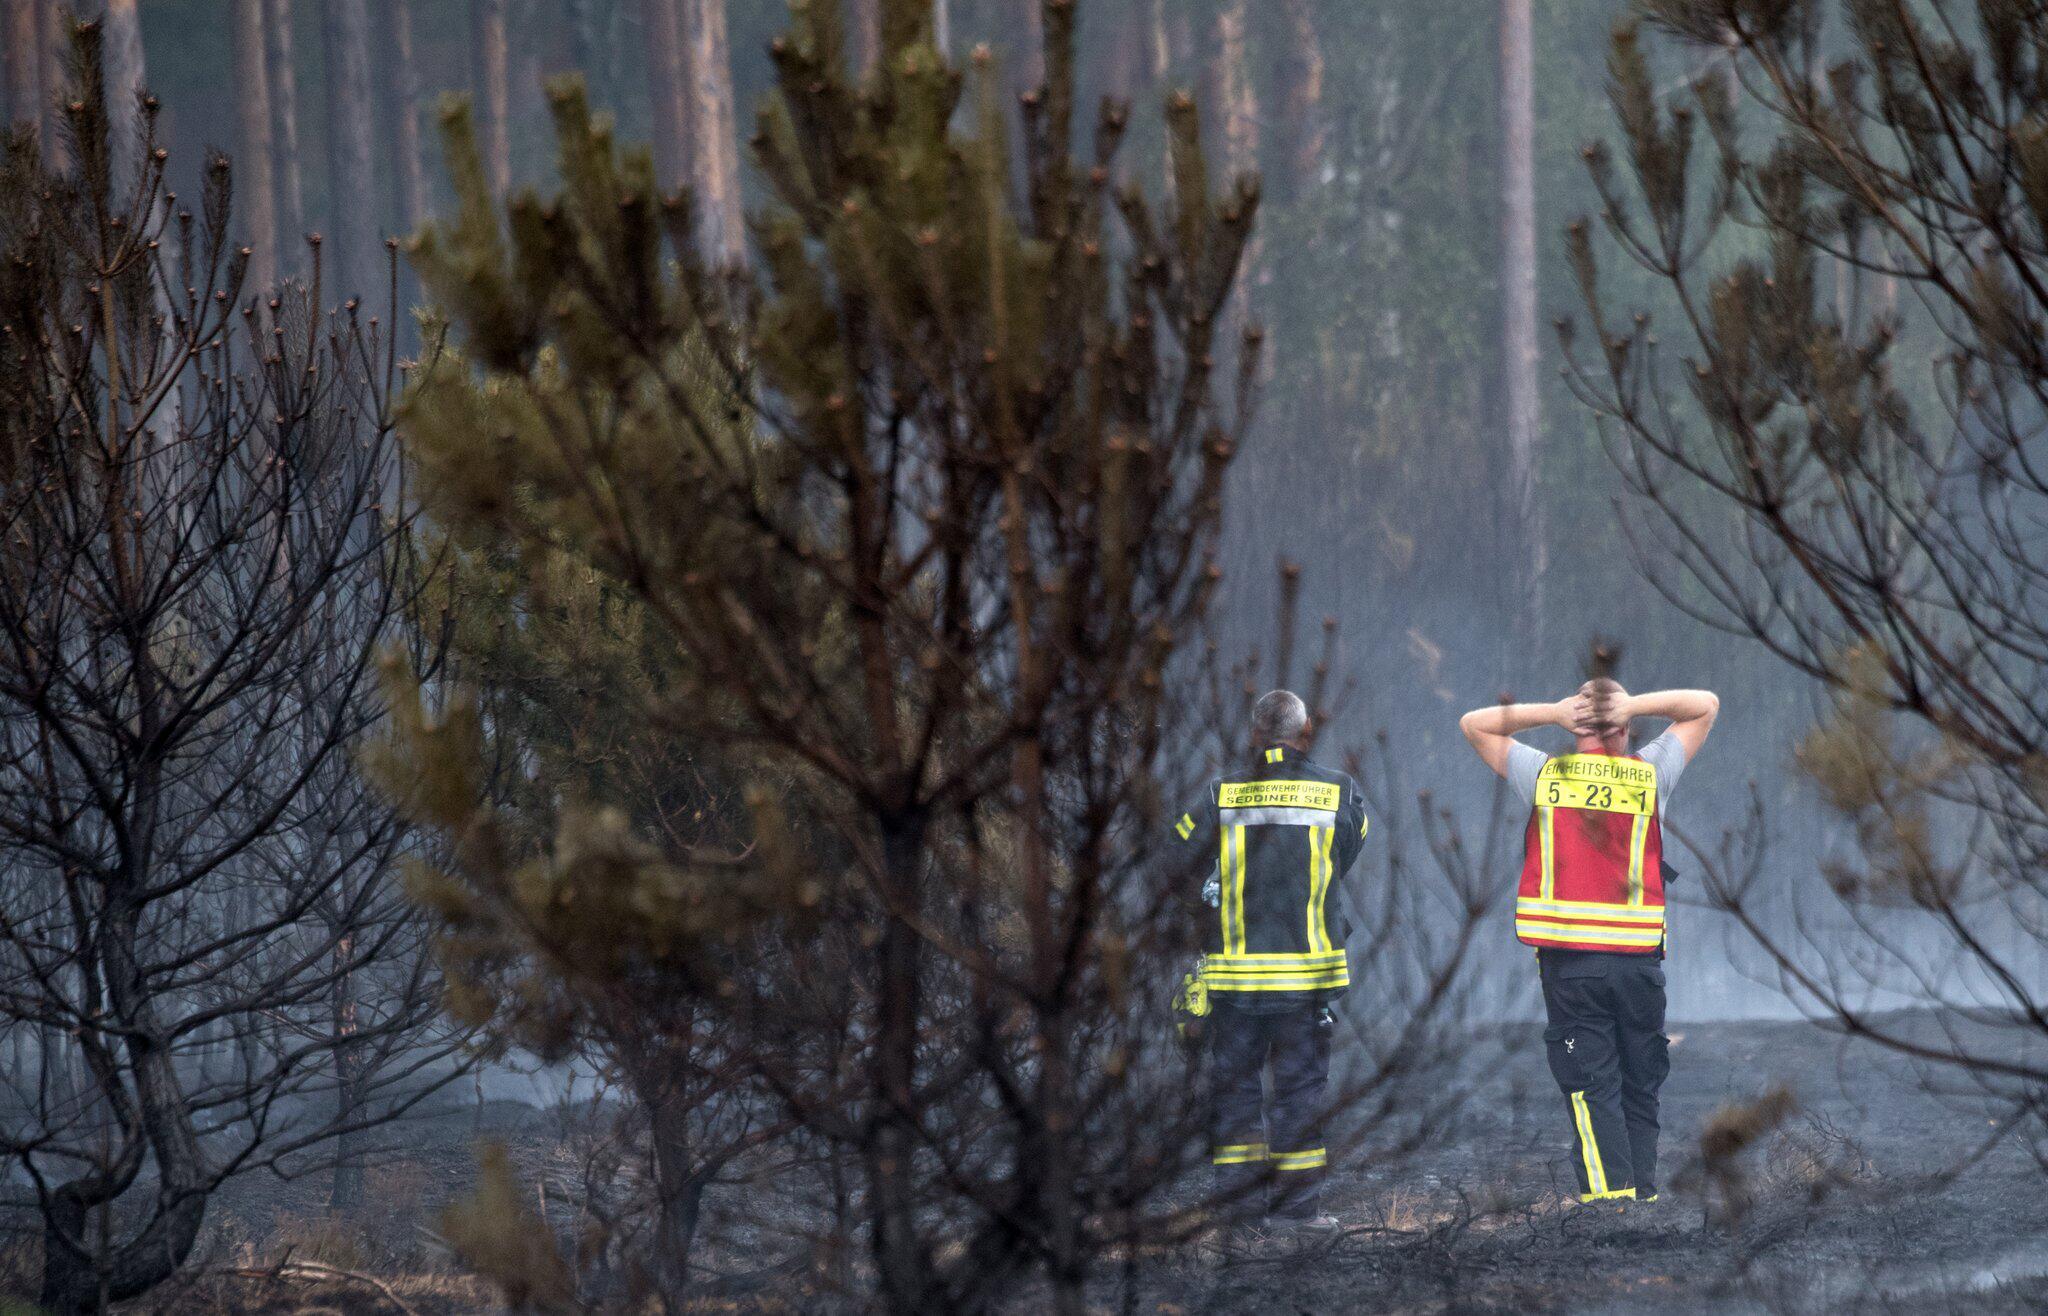 Bild zu Weiterer Waldbrand in Brandenburg